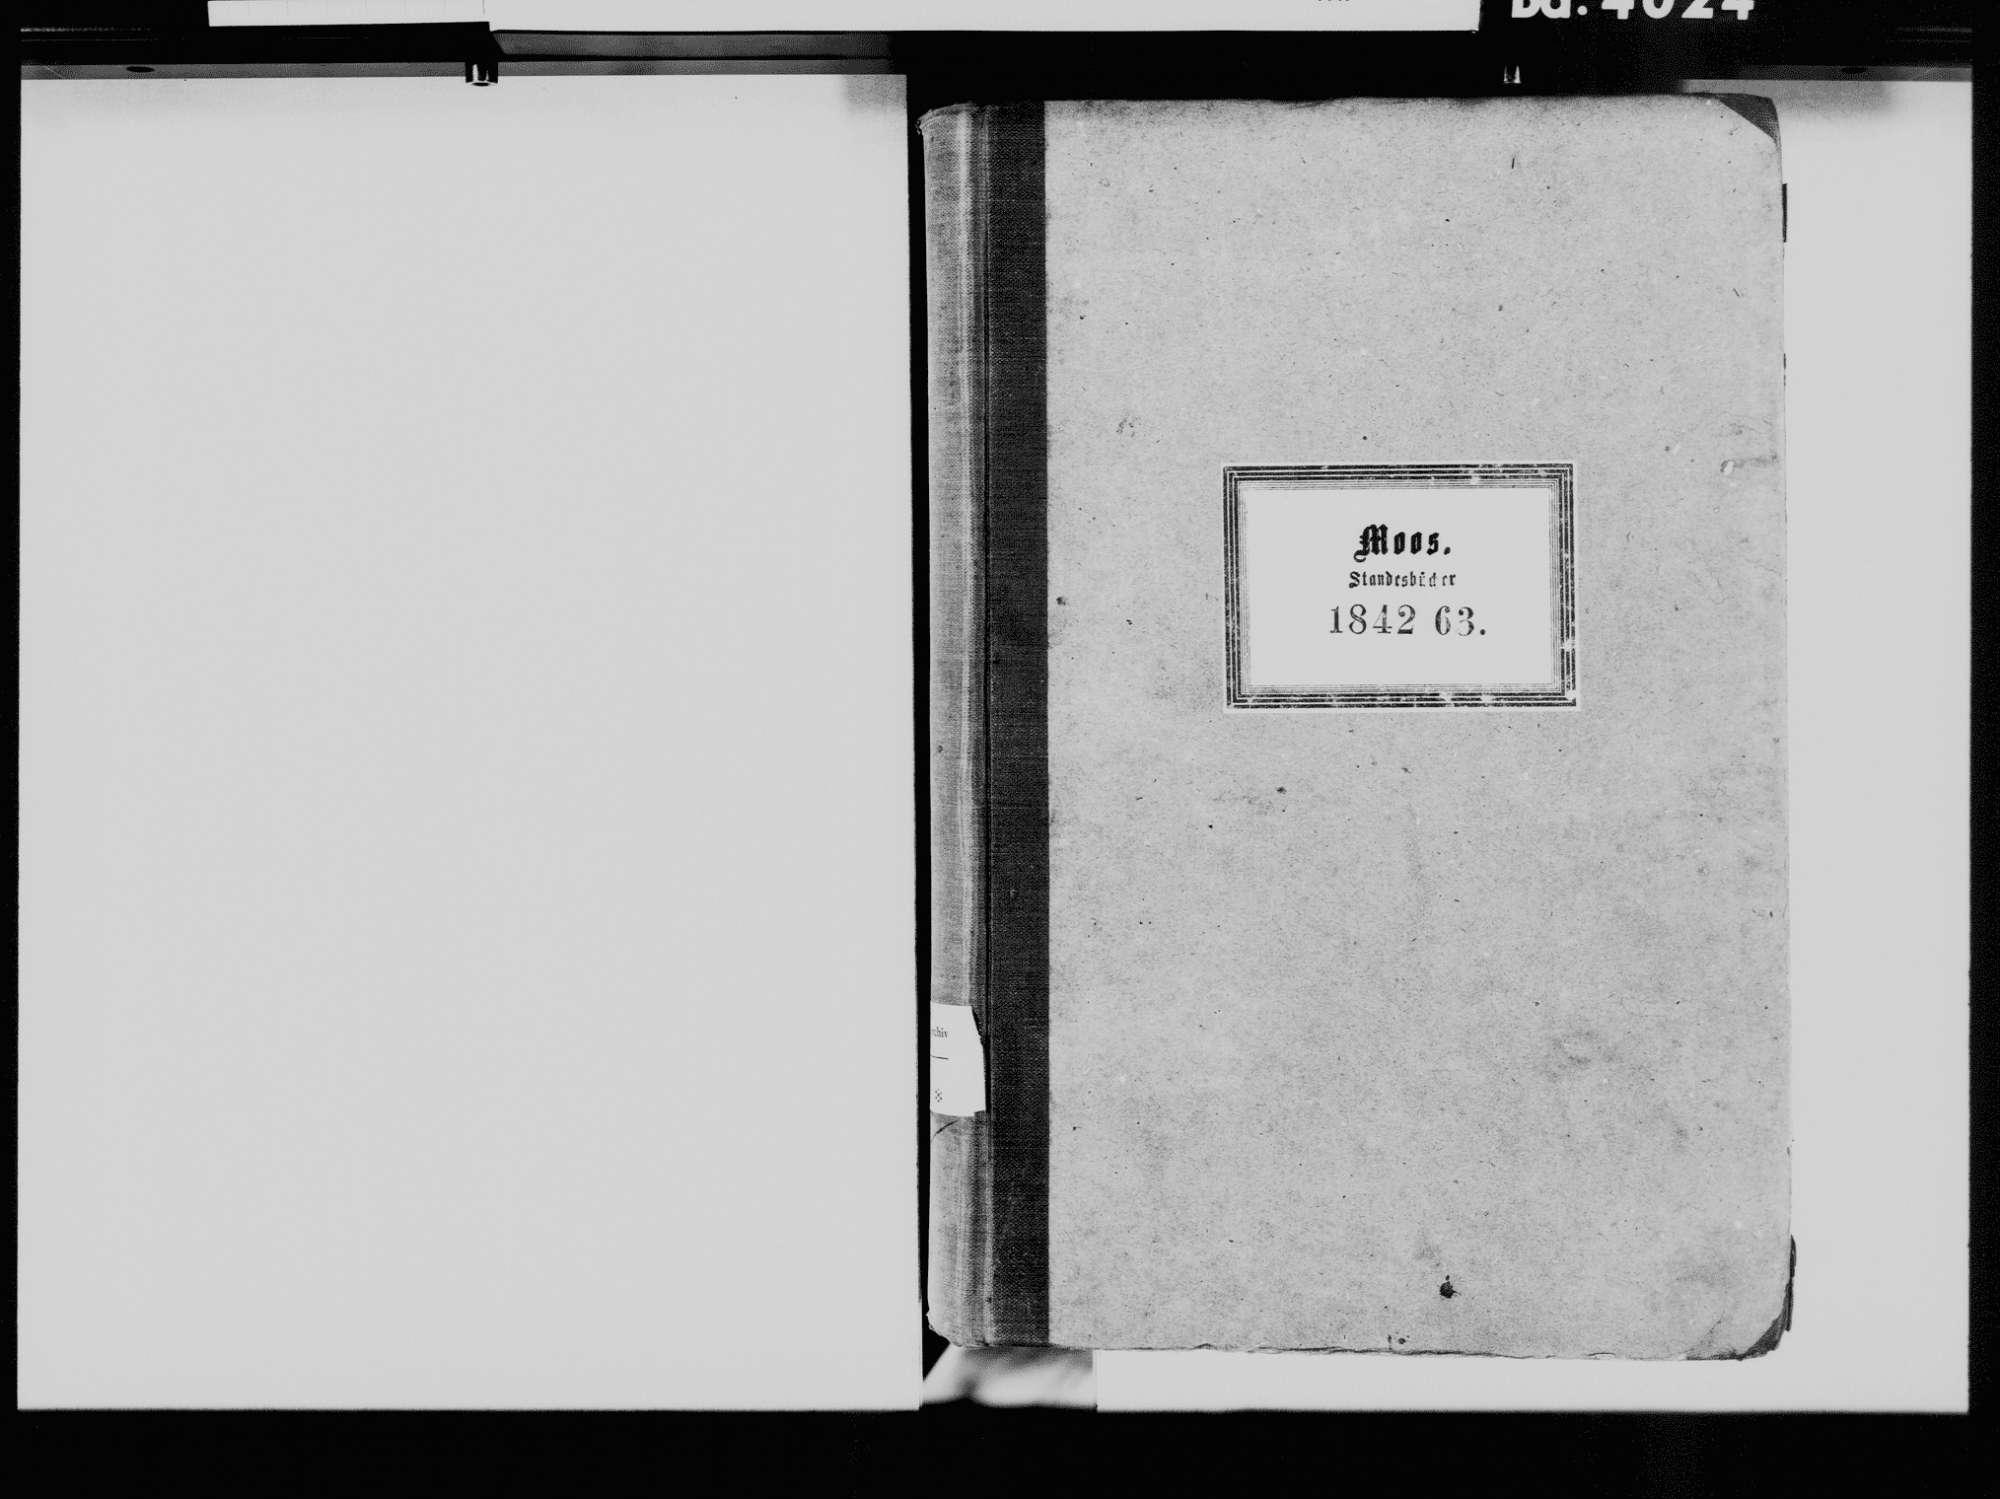 Moos KN; Katholische Gemeinde: Standesbuch 1842-1863, Bild 3